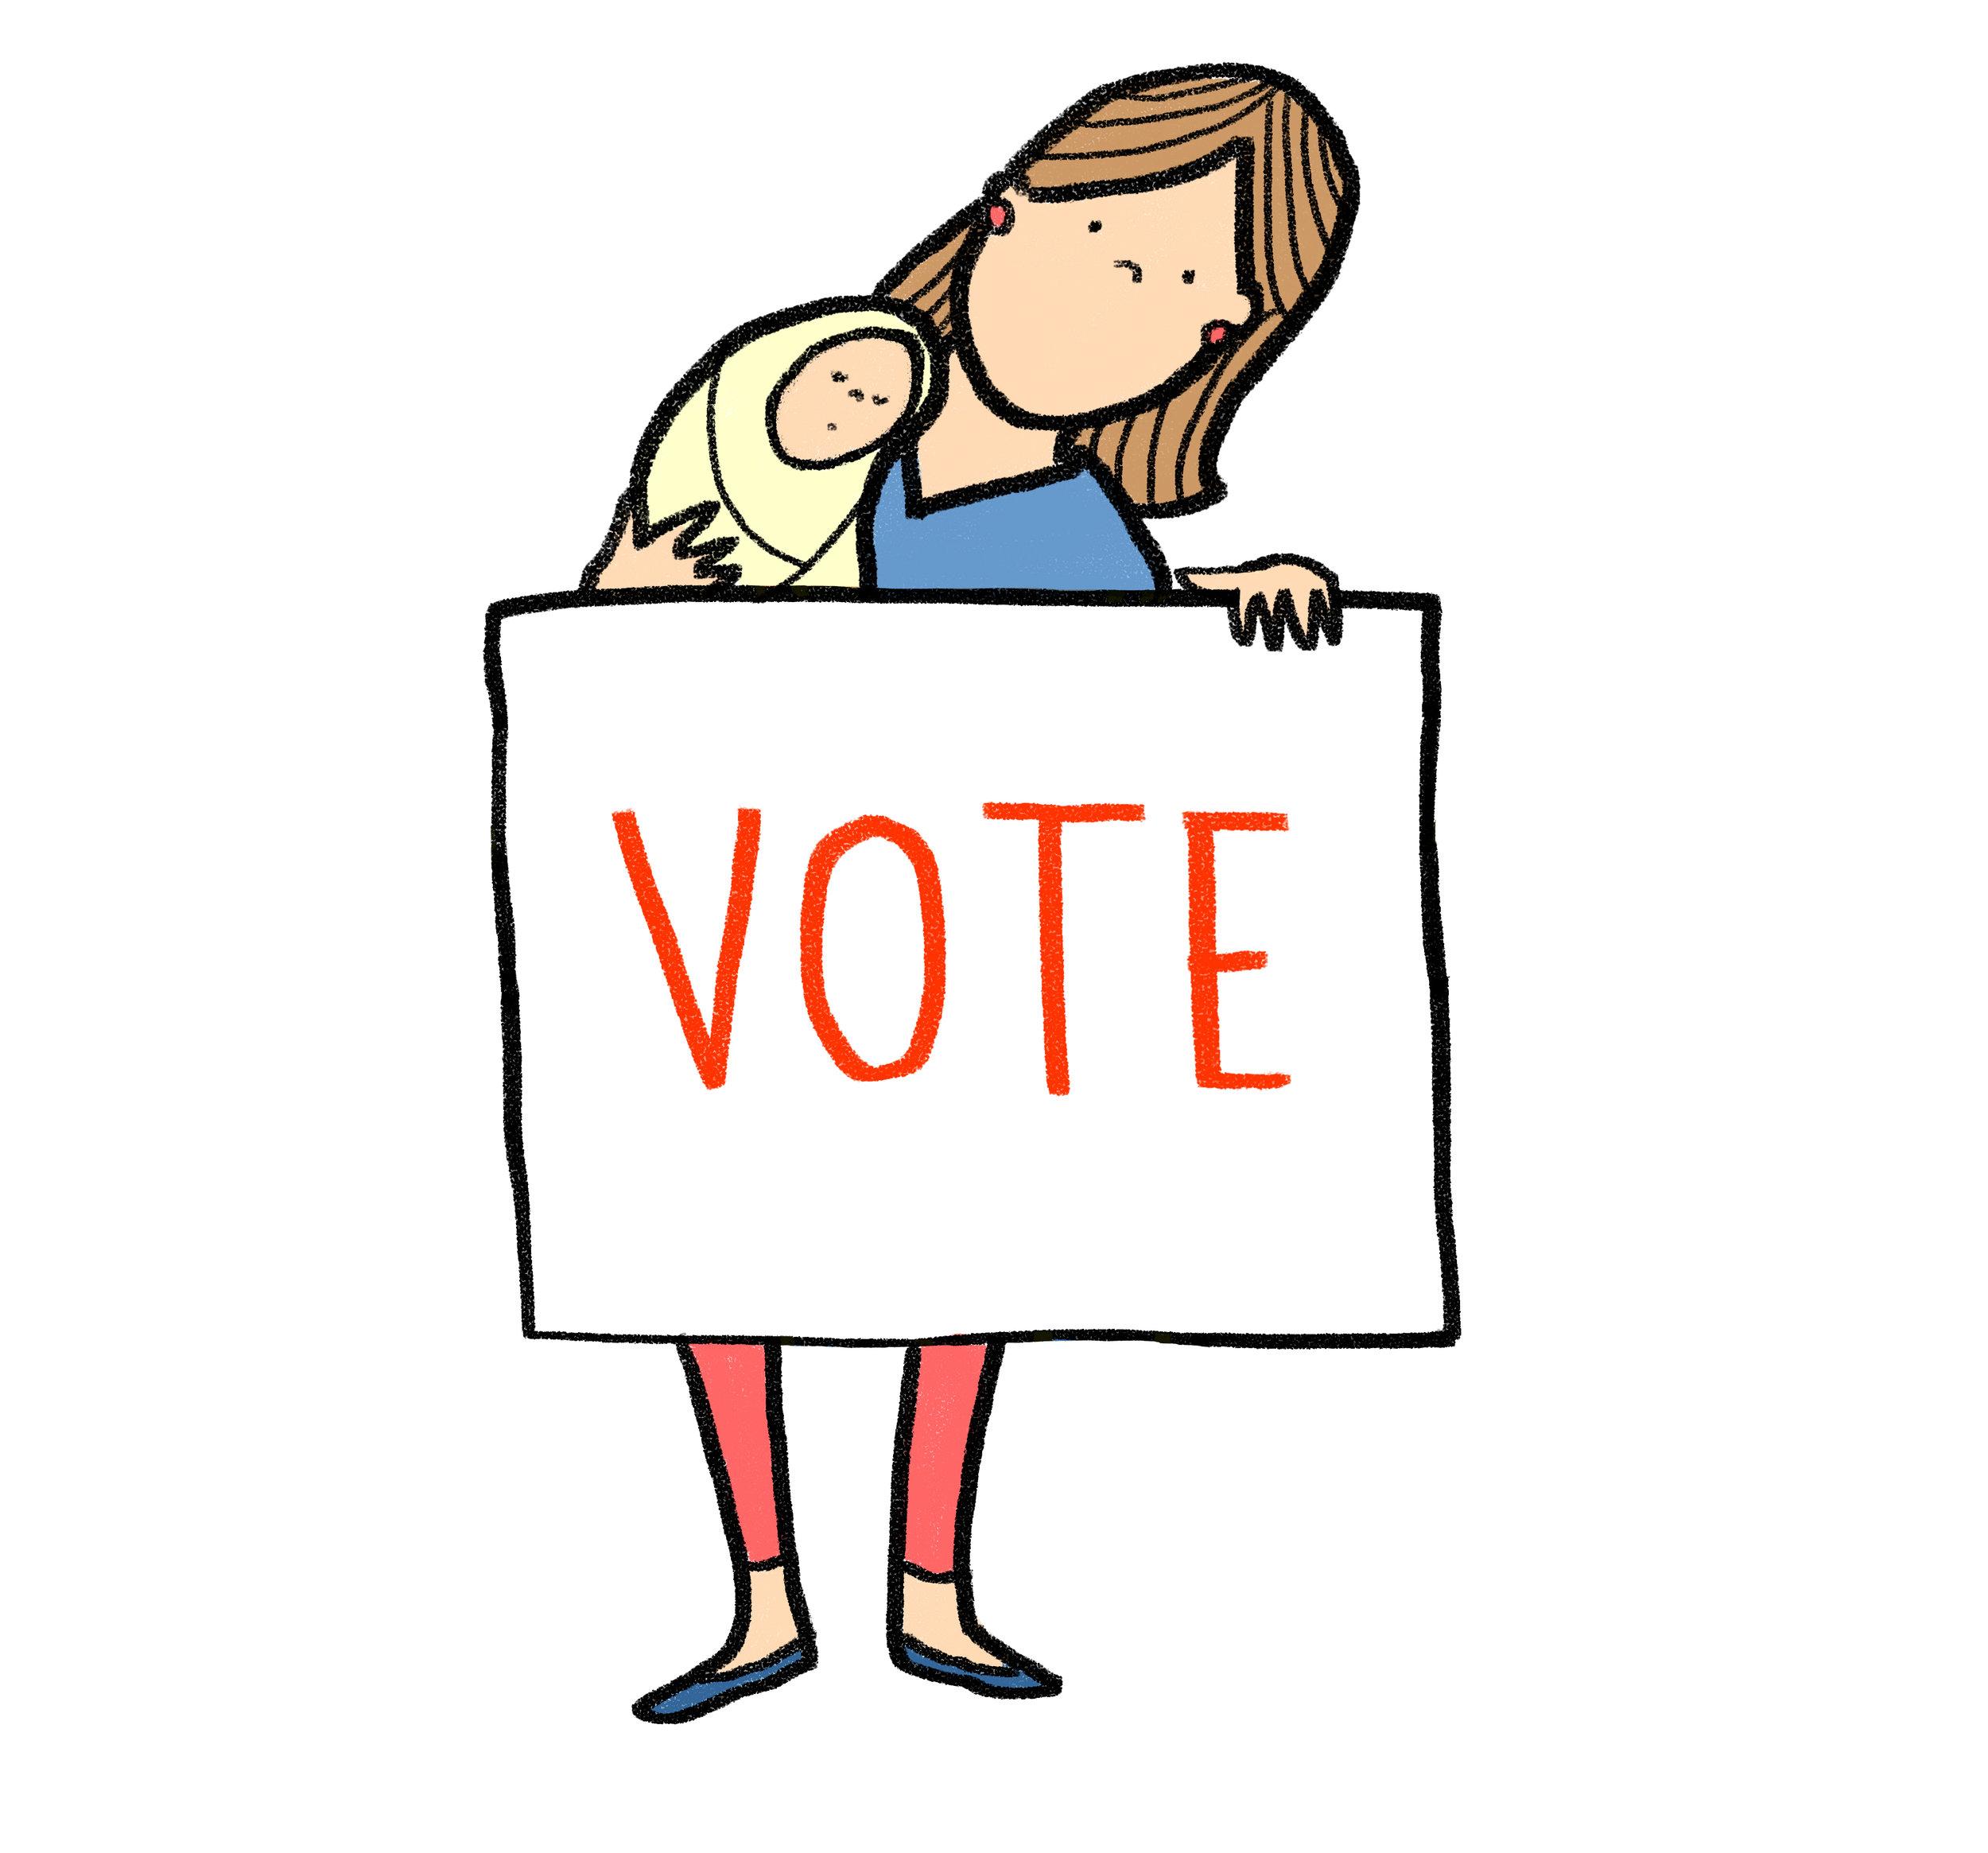 VOTE-10.jpg